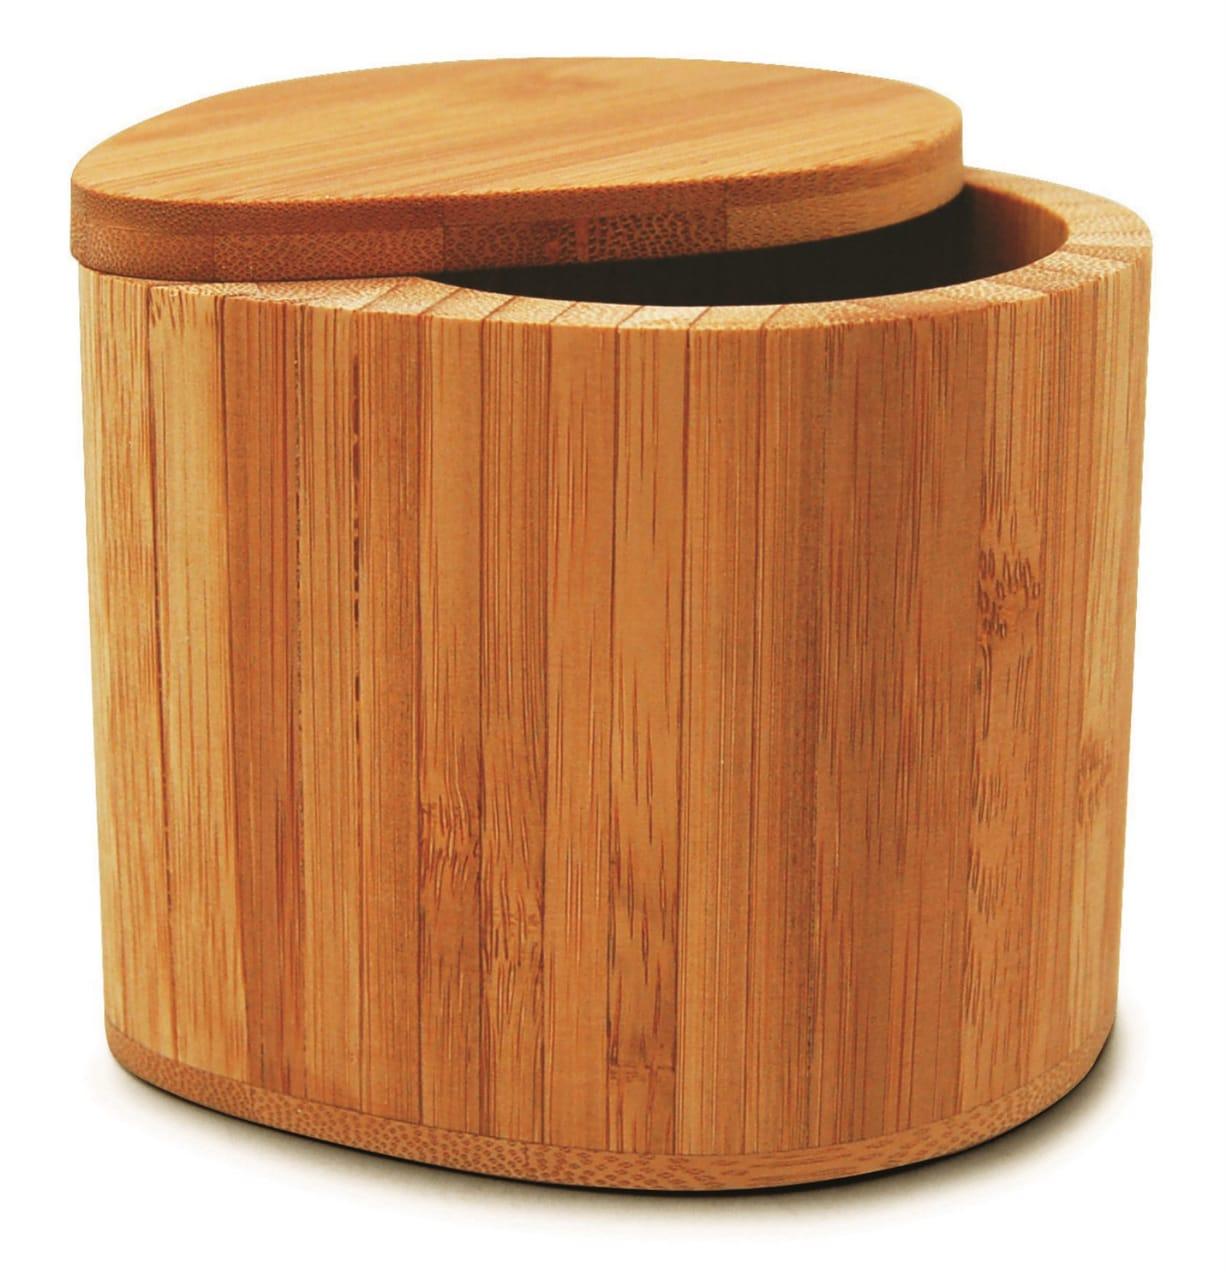 Saleiro de Bambu com tampa (10cm) - Tyft